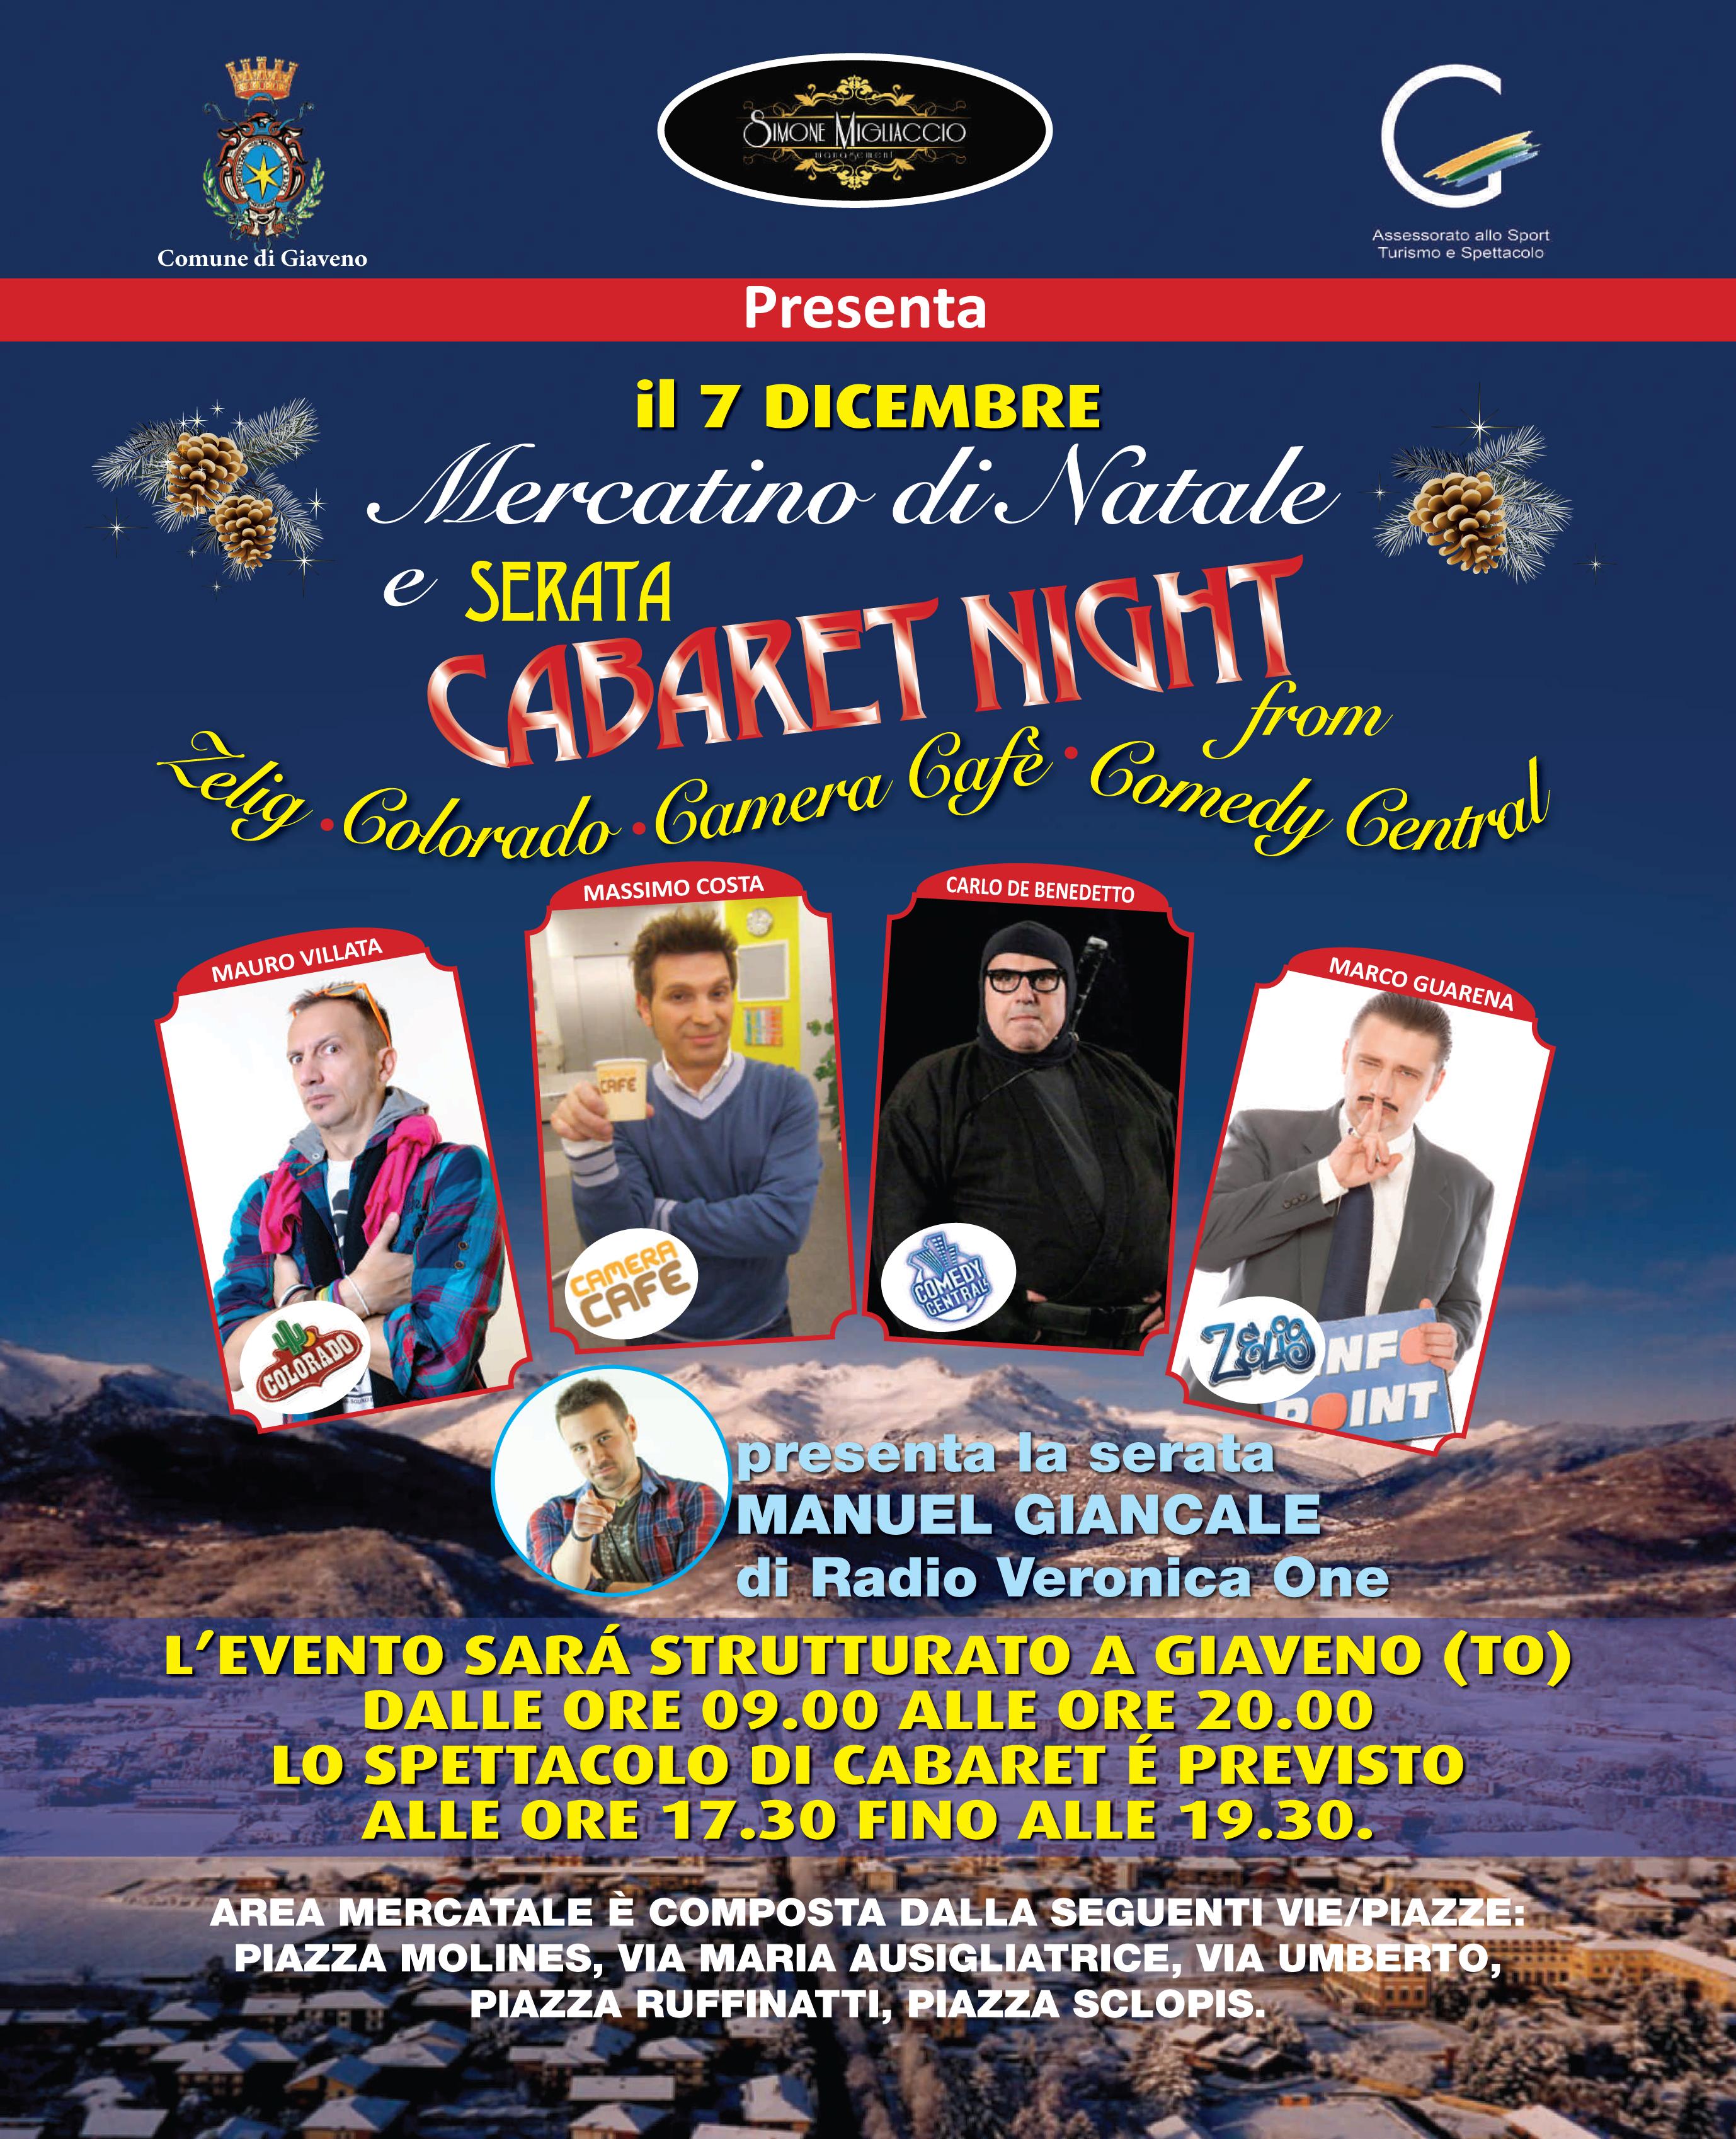 Mercatino di Natale e Cabaret Night – domenica 7 dicembre 2014